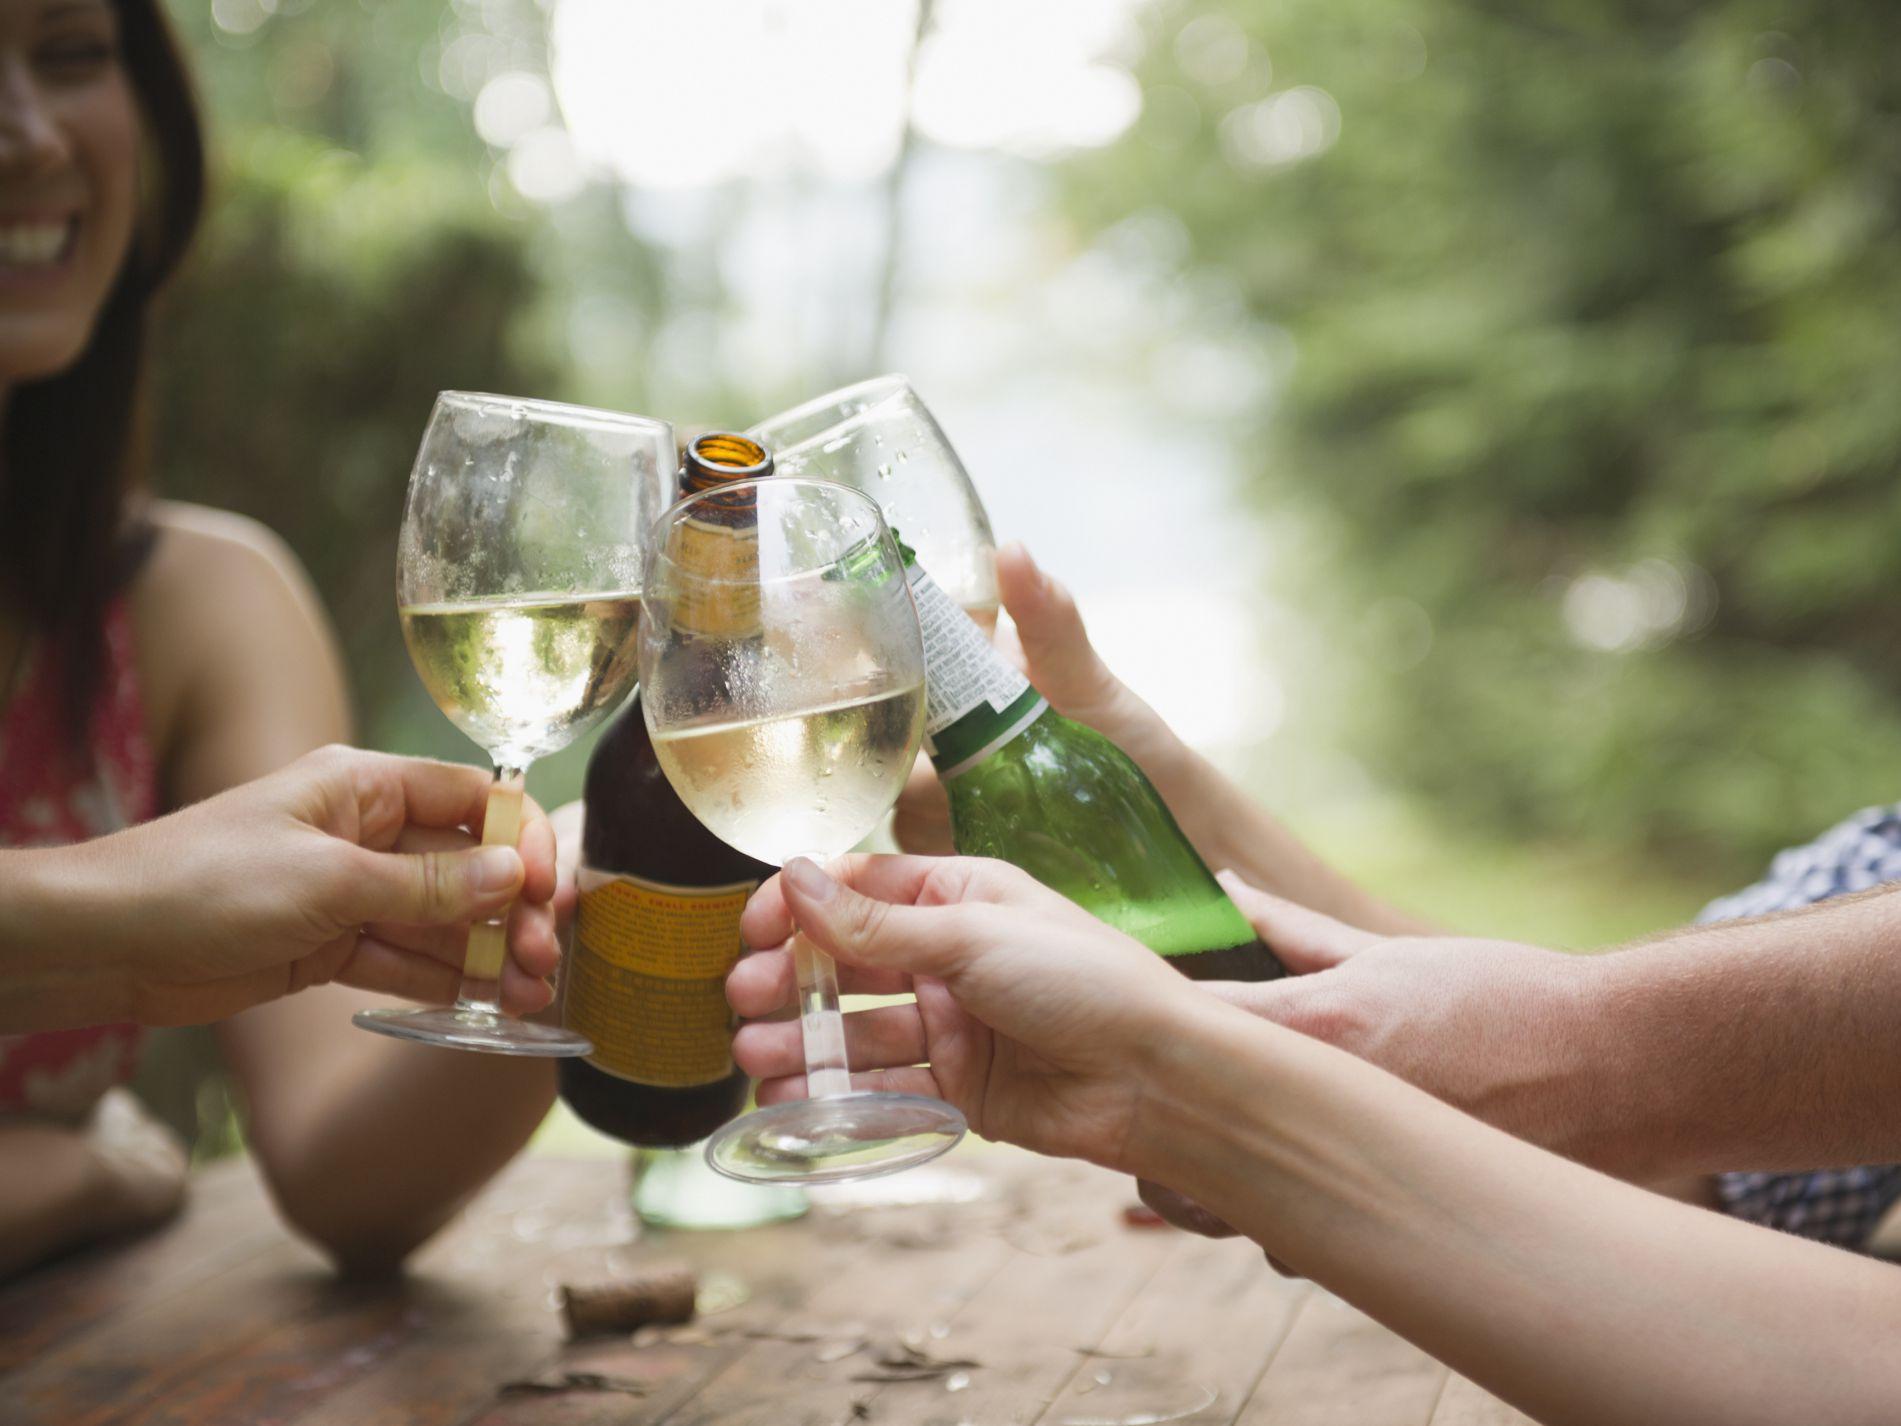 Como bajar la presion arterial alcohol